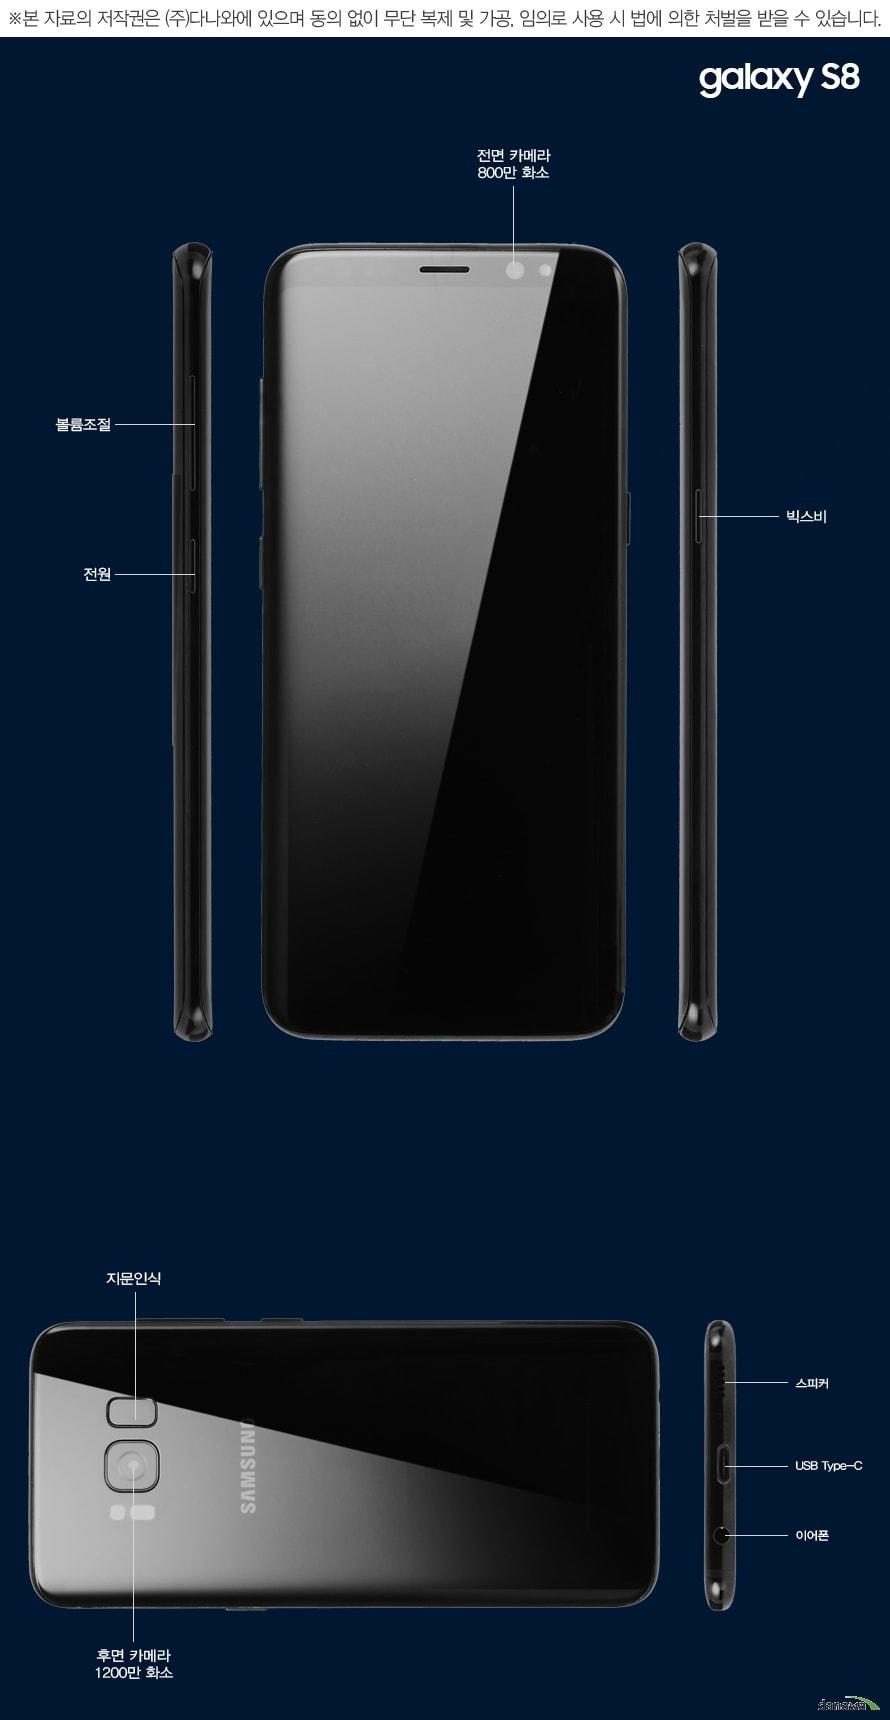 galaxy s8    전면카메라 800만 화소볼륨조절전원빅스비지문인식후면카메라 1200만 화소스피커USB Type-C이어폰